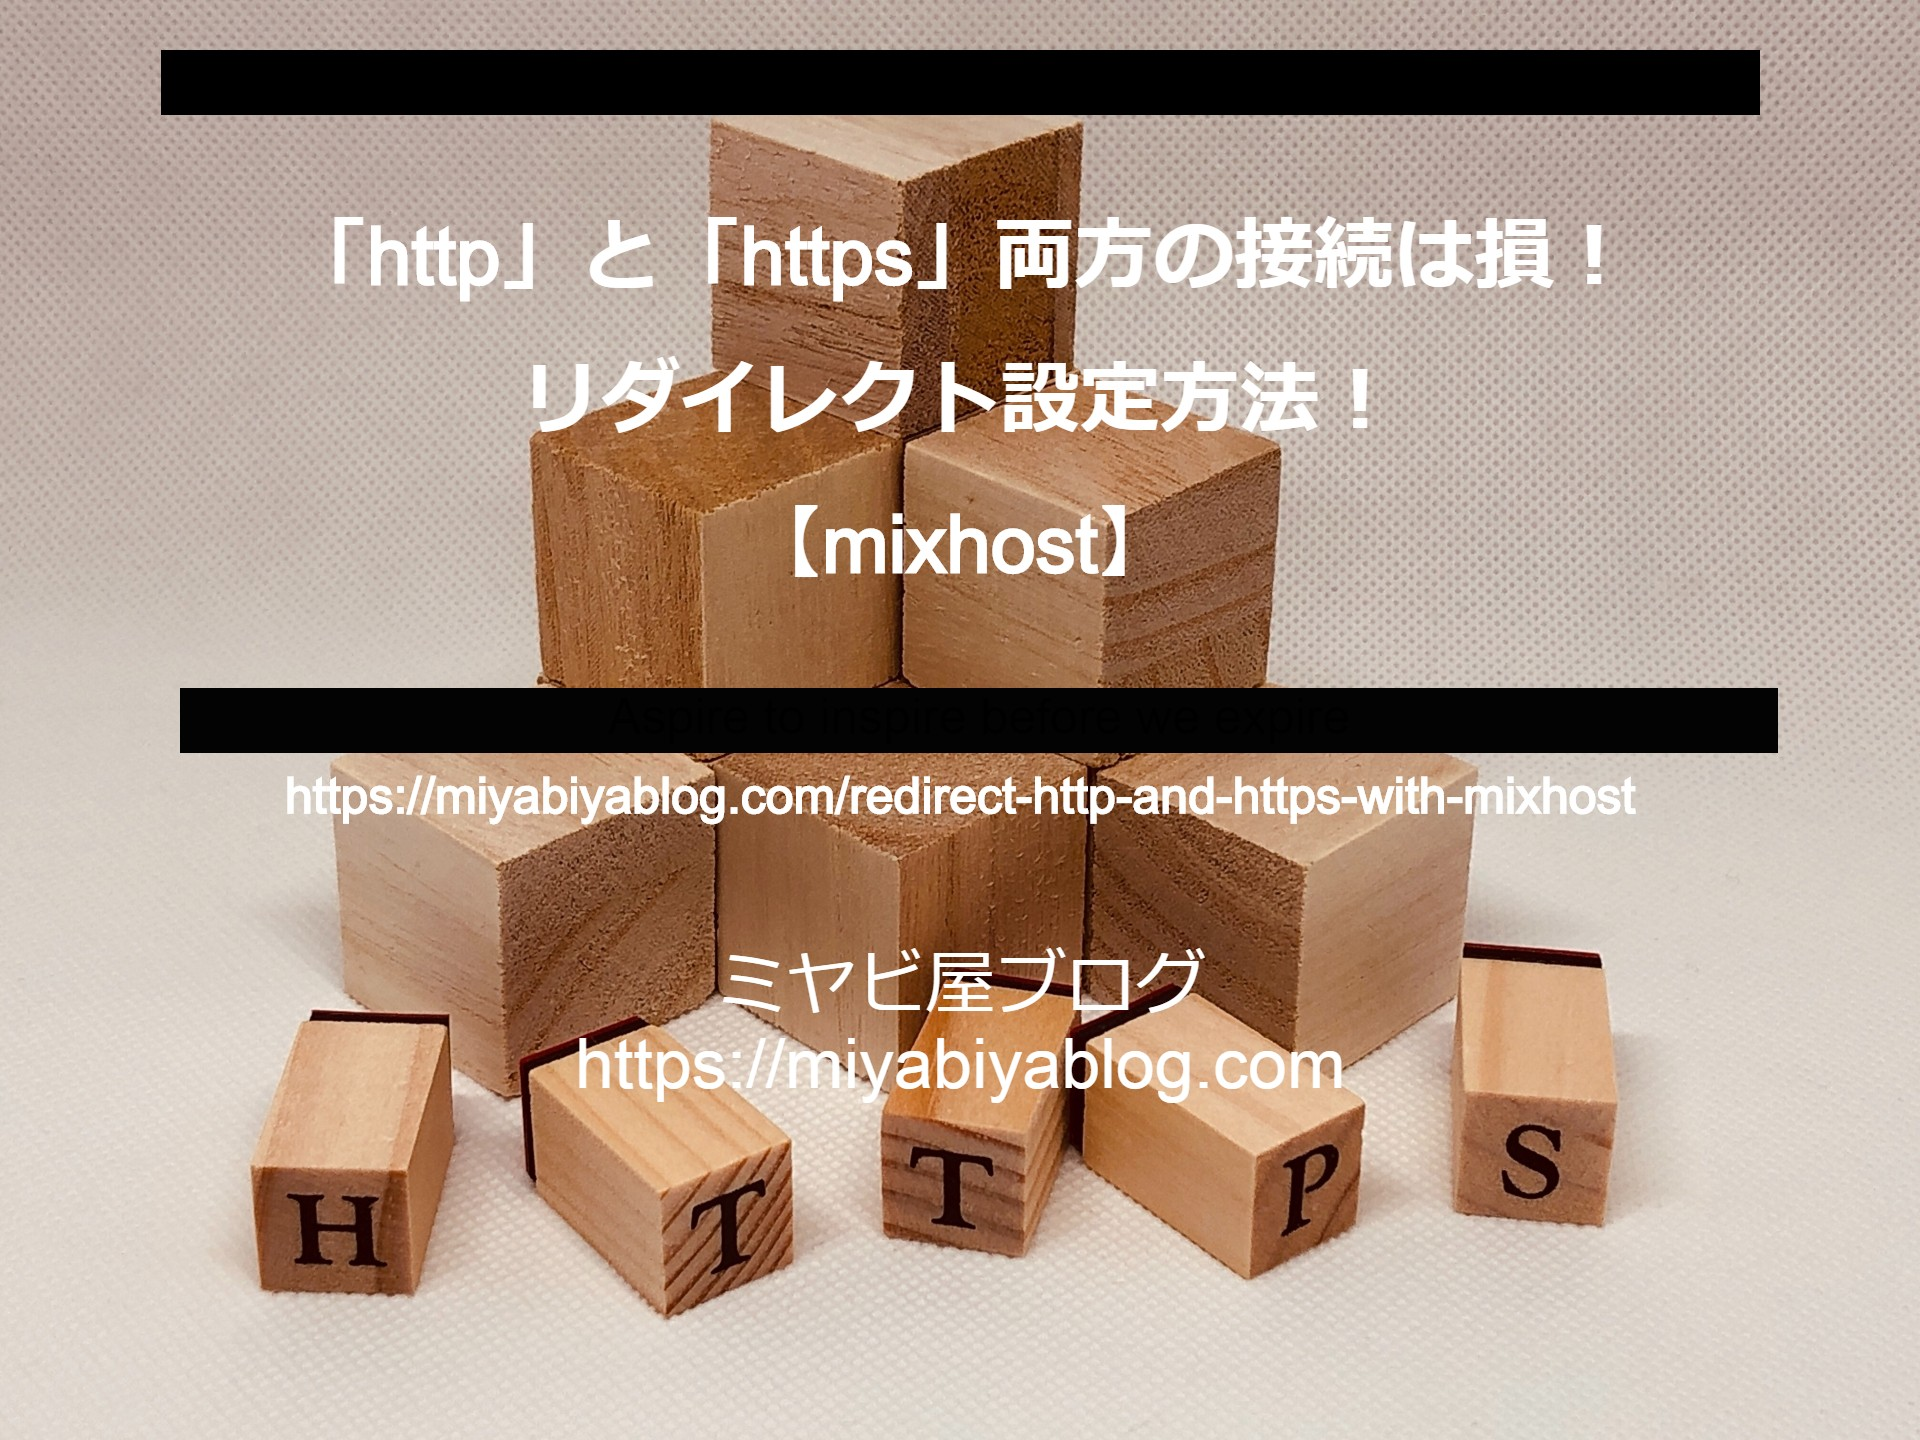 「http」と「https」両方の接続は損!リダイレクト設定方法!【mixhost】のイメージ画像。積み木にhttpsと書かれている。